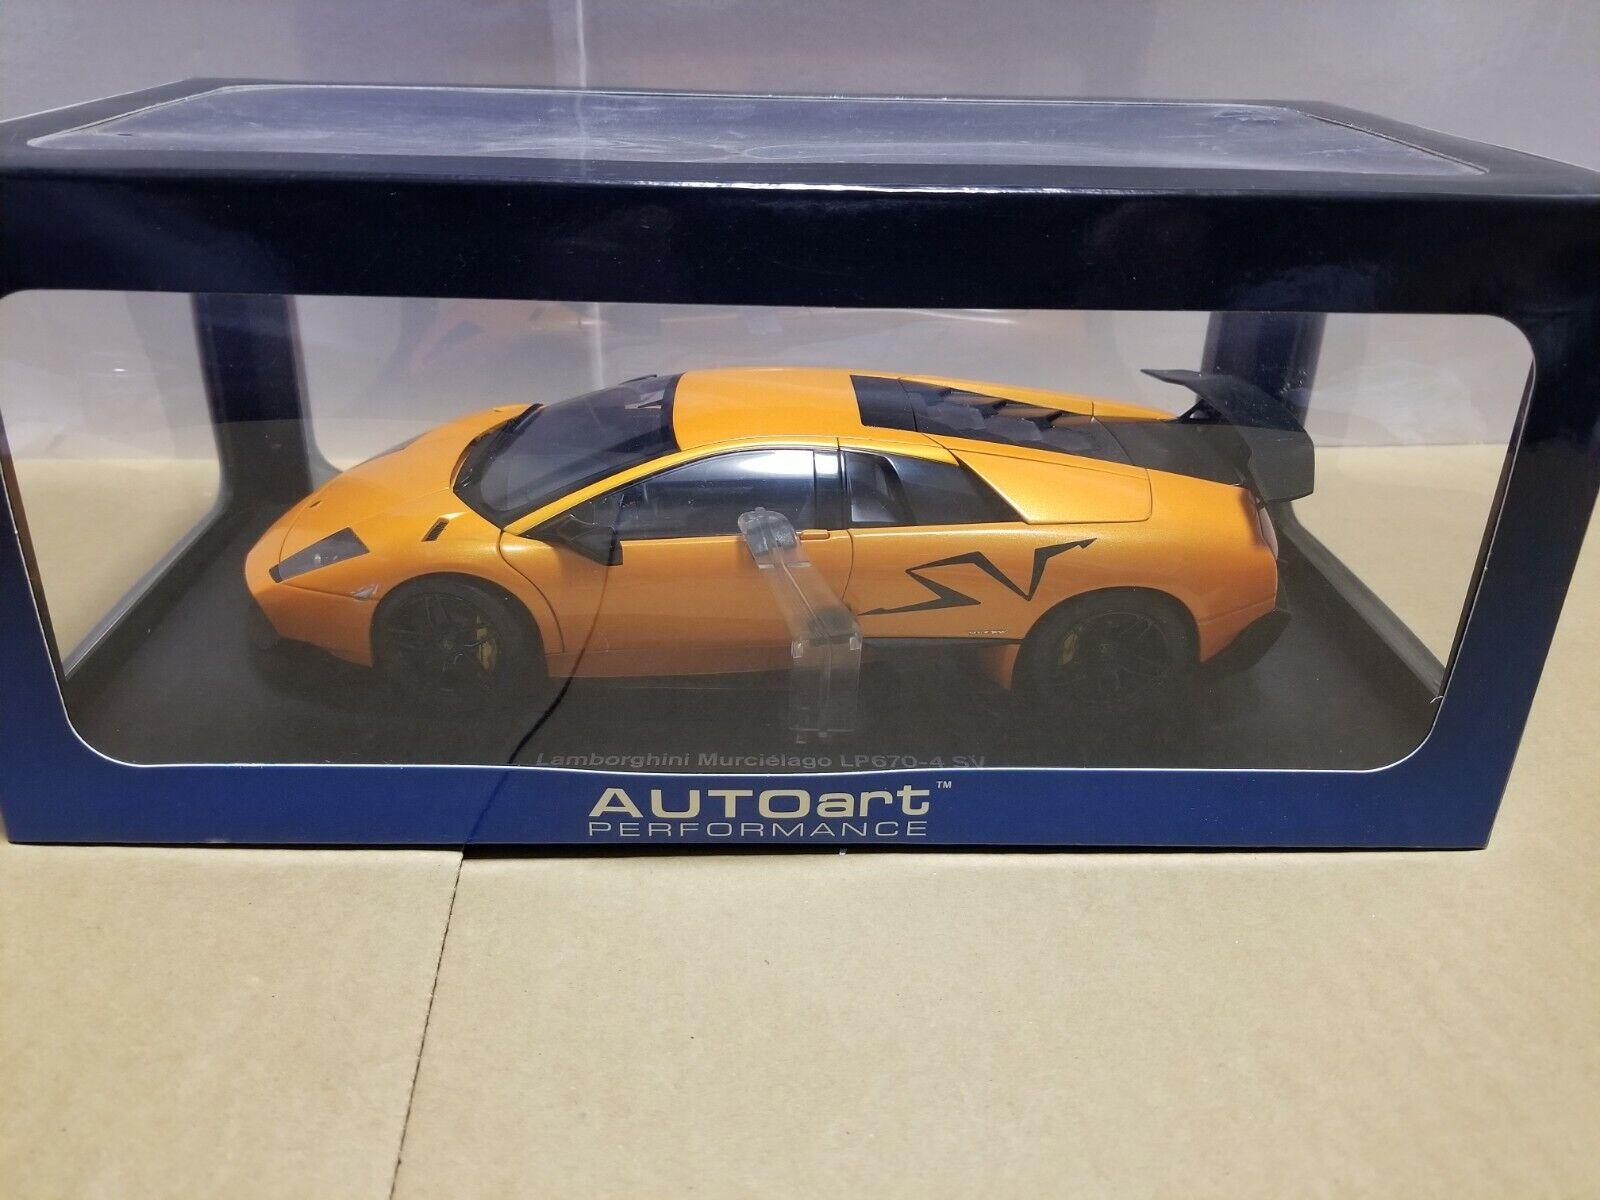 Autoart Lamborghini Murcielago LP670-4 Sportverein arancia 74617 1 18